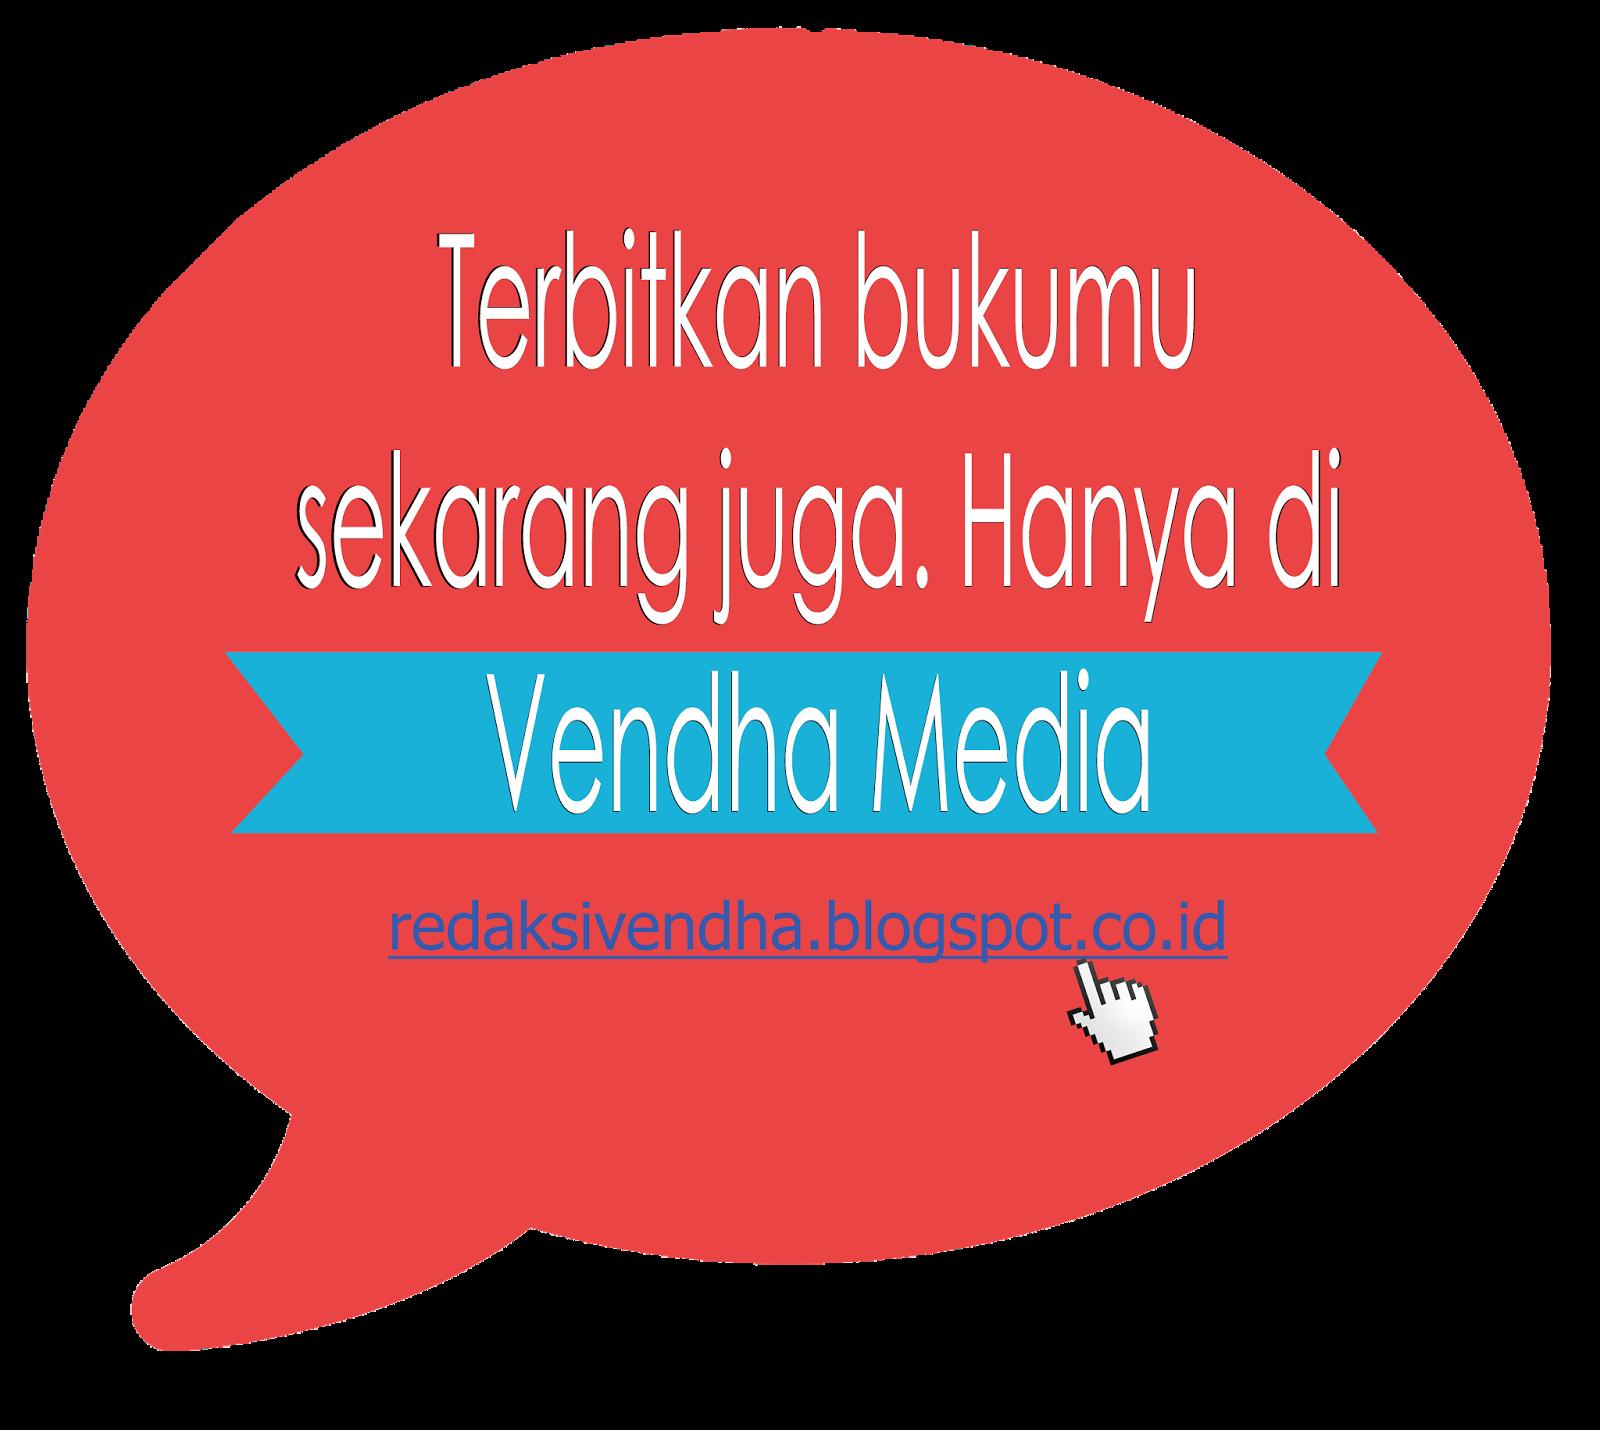 Vendha Media